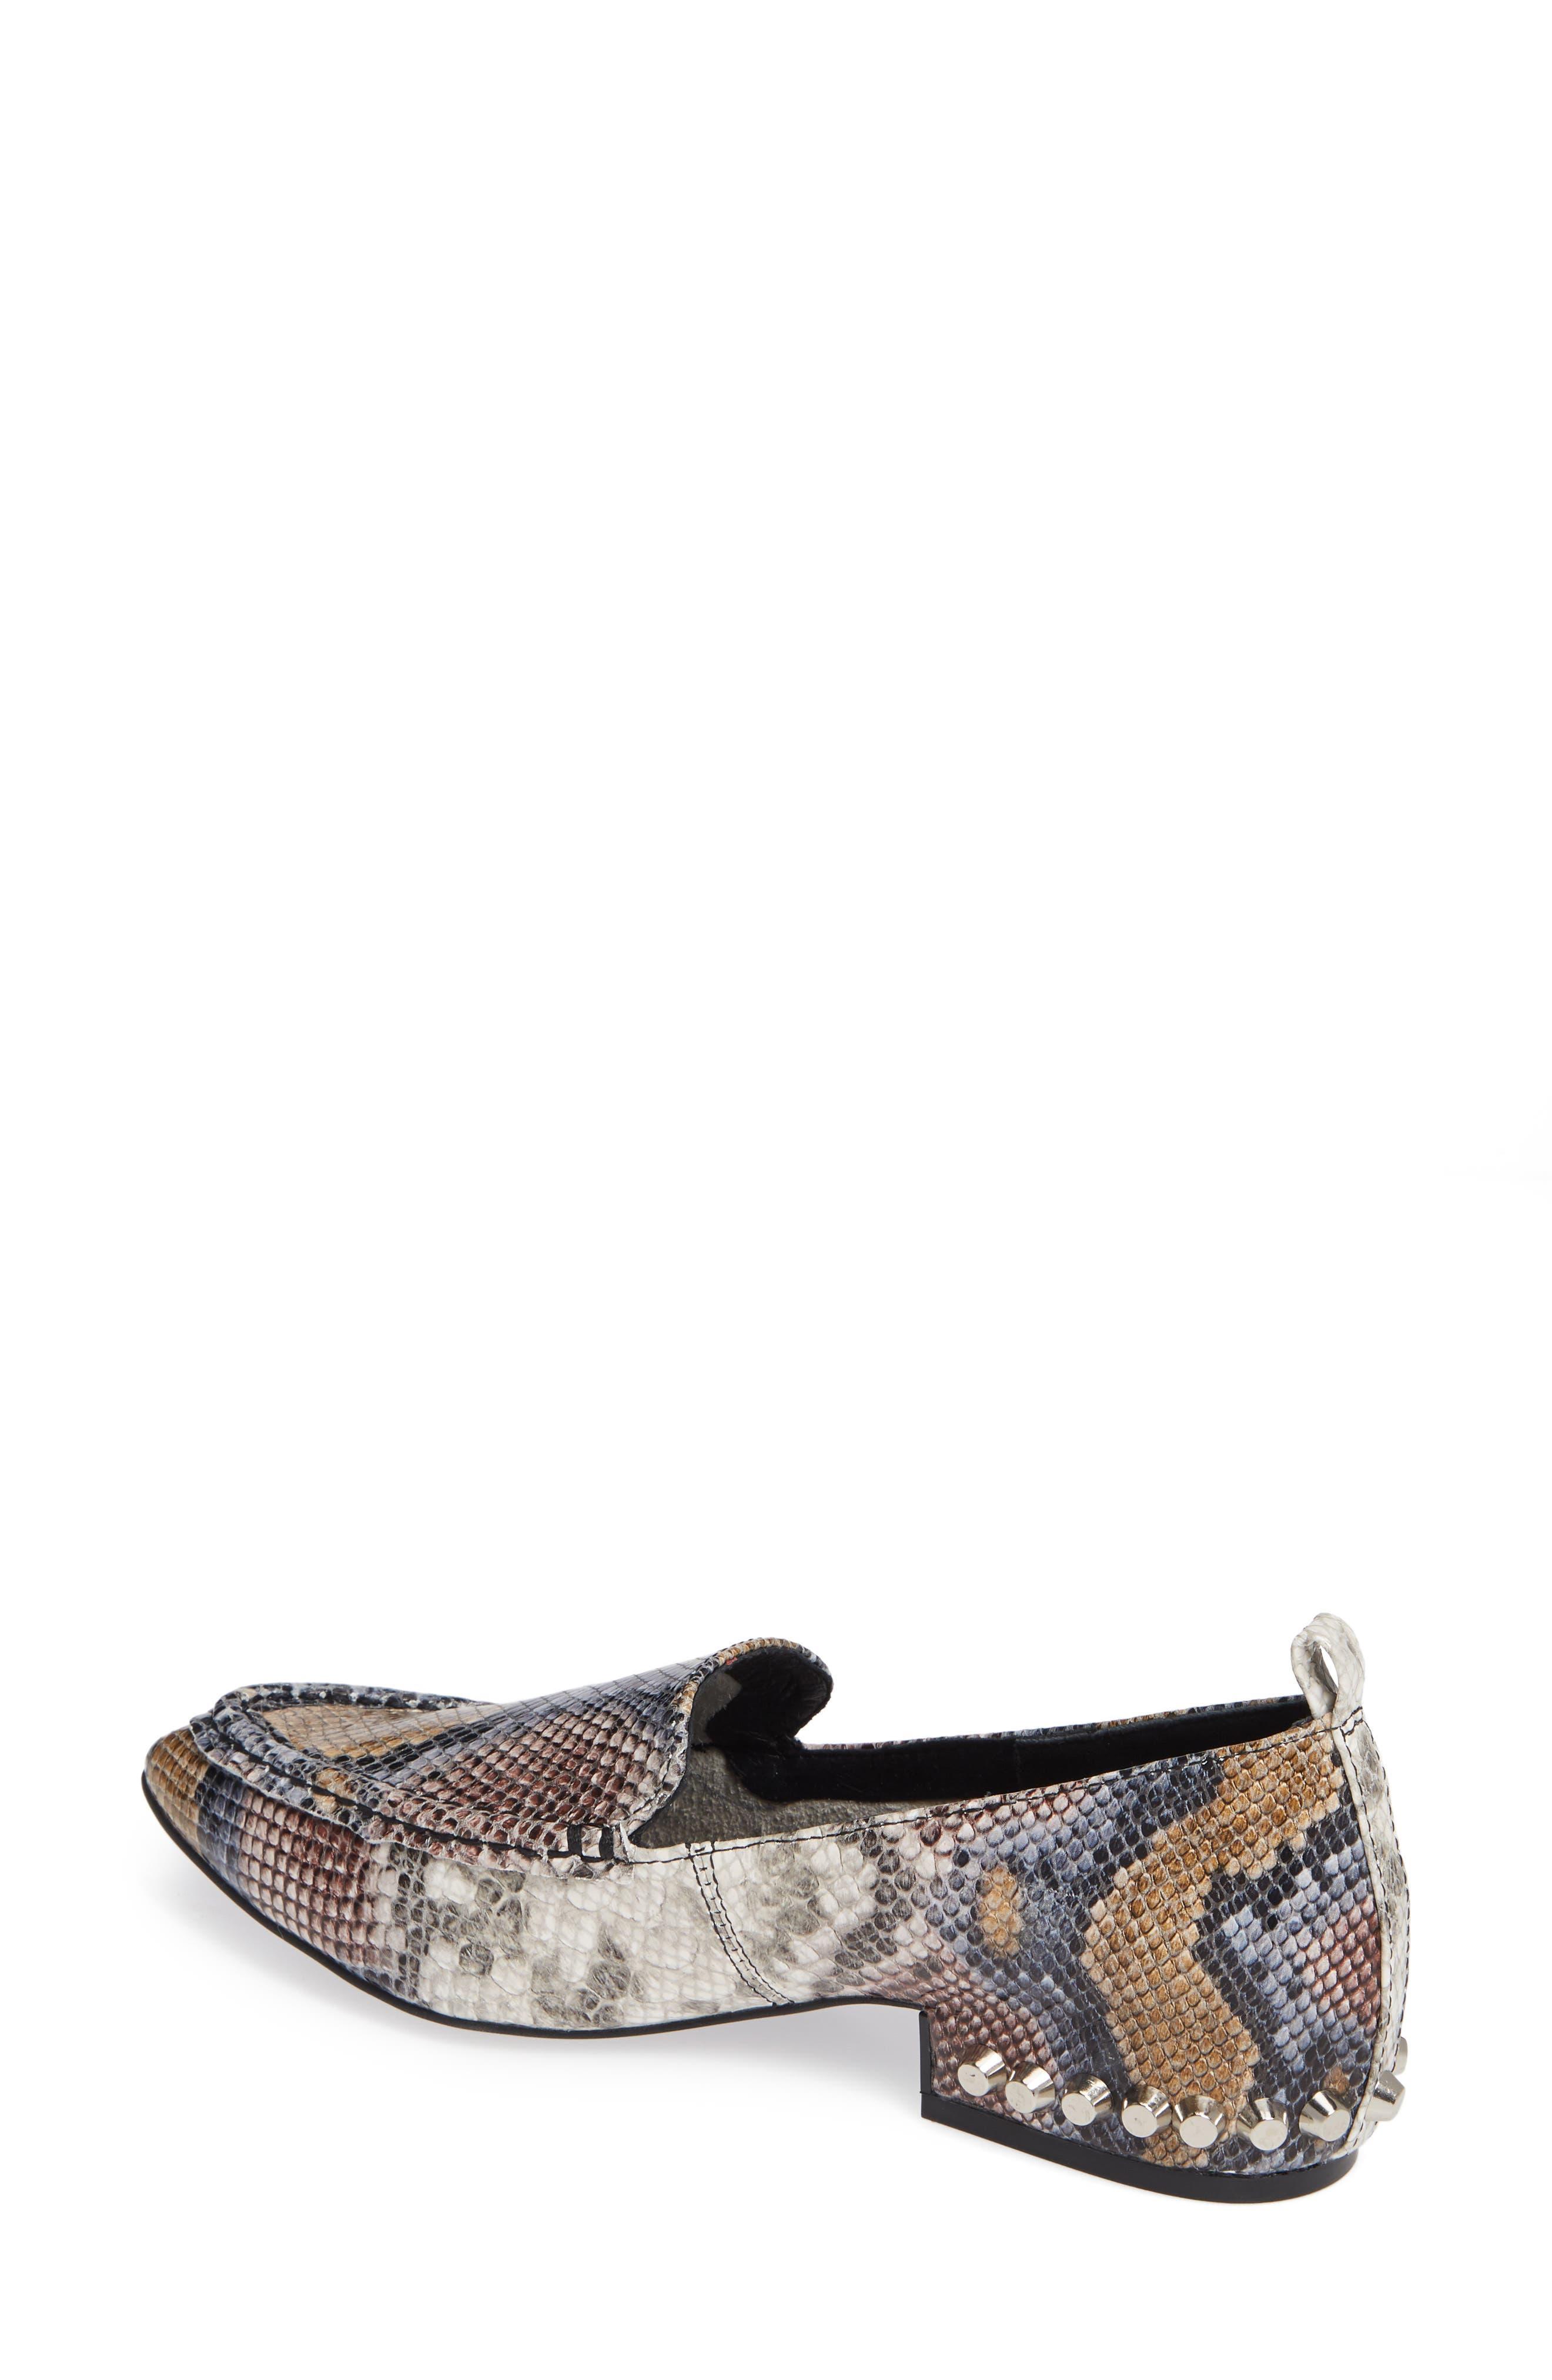 Barnett Studded Loafer,                             Alternate thumbnail 2, color,                             Multi Snake Silver